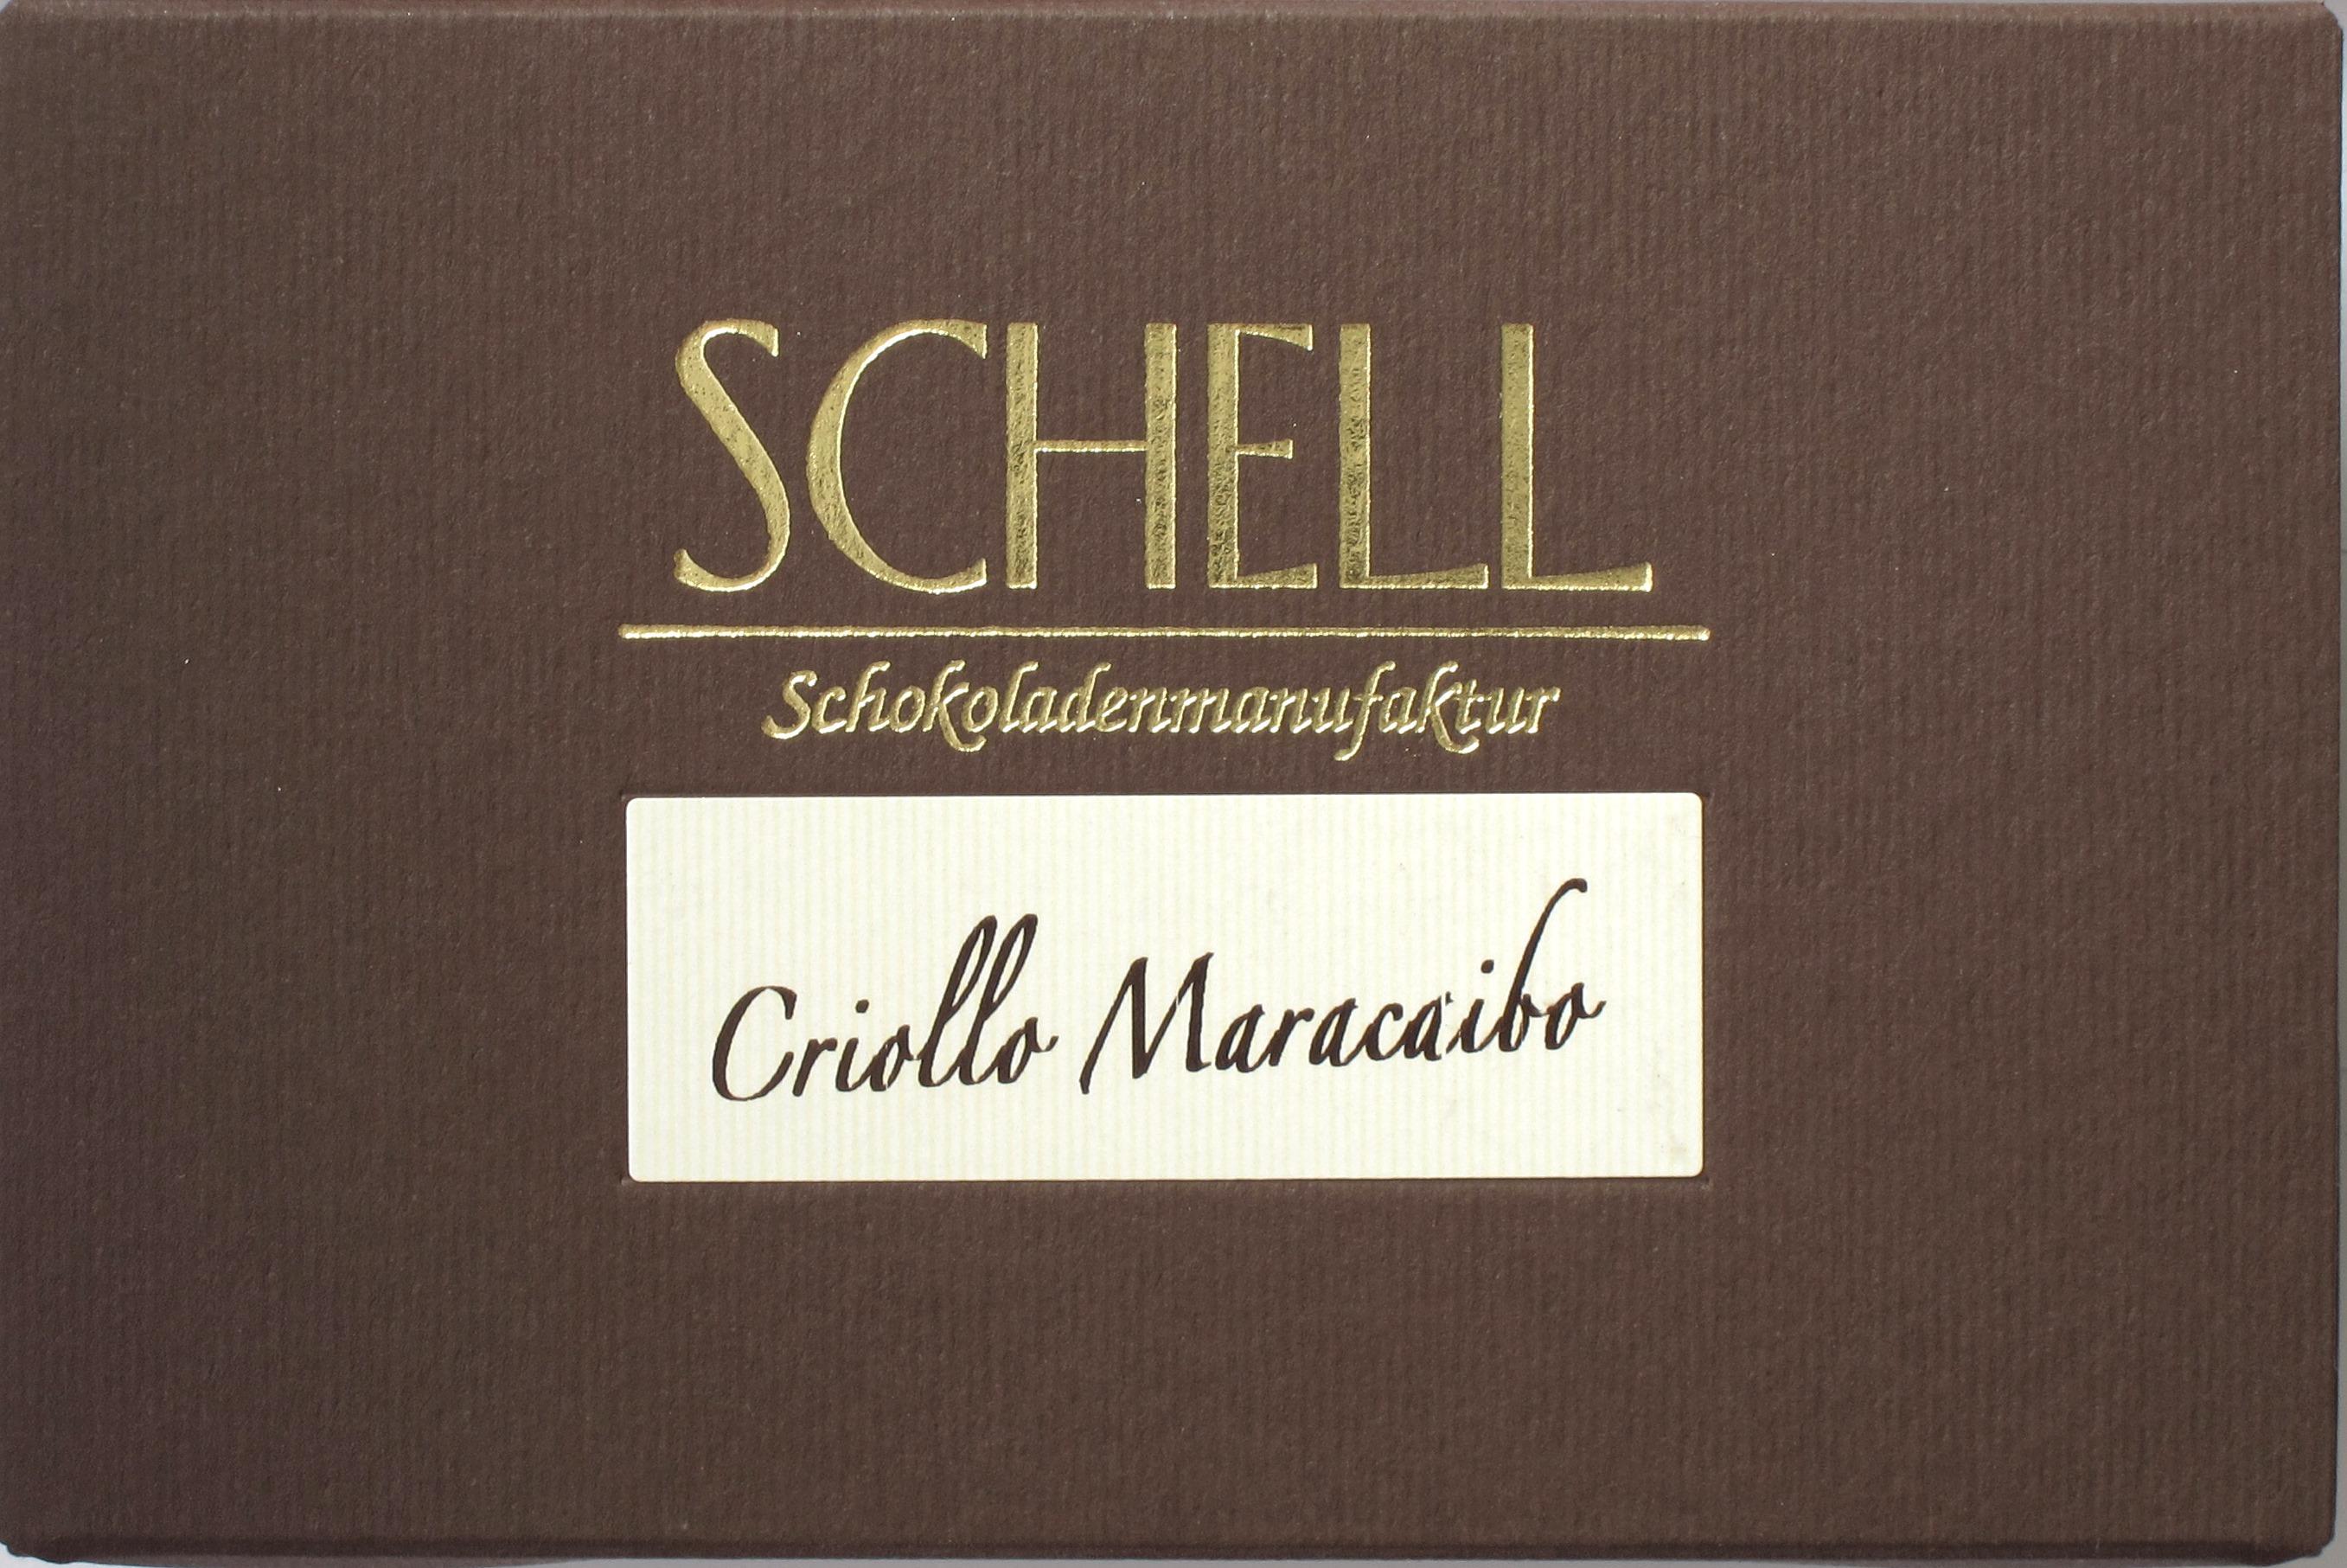 Schell Schokolade CRIOLLO MARACAIBO